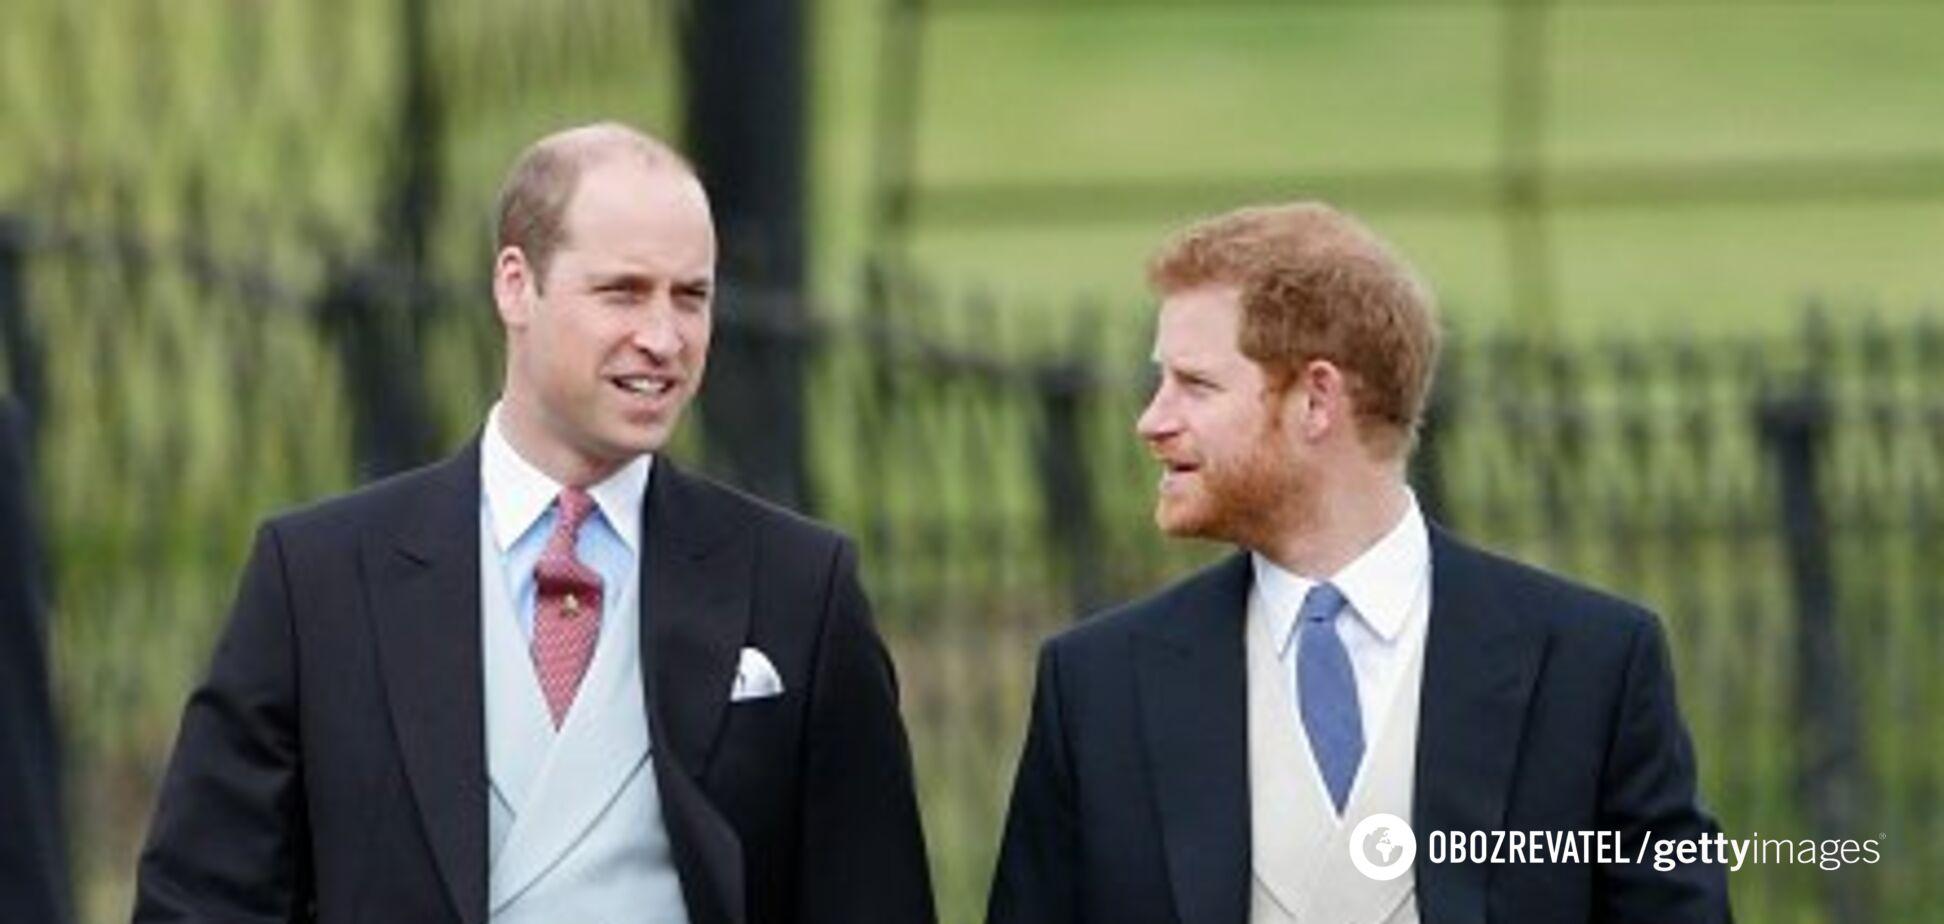 'Ми стали чужими': принц Вільям прокоментував розбрат в королівській родині